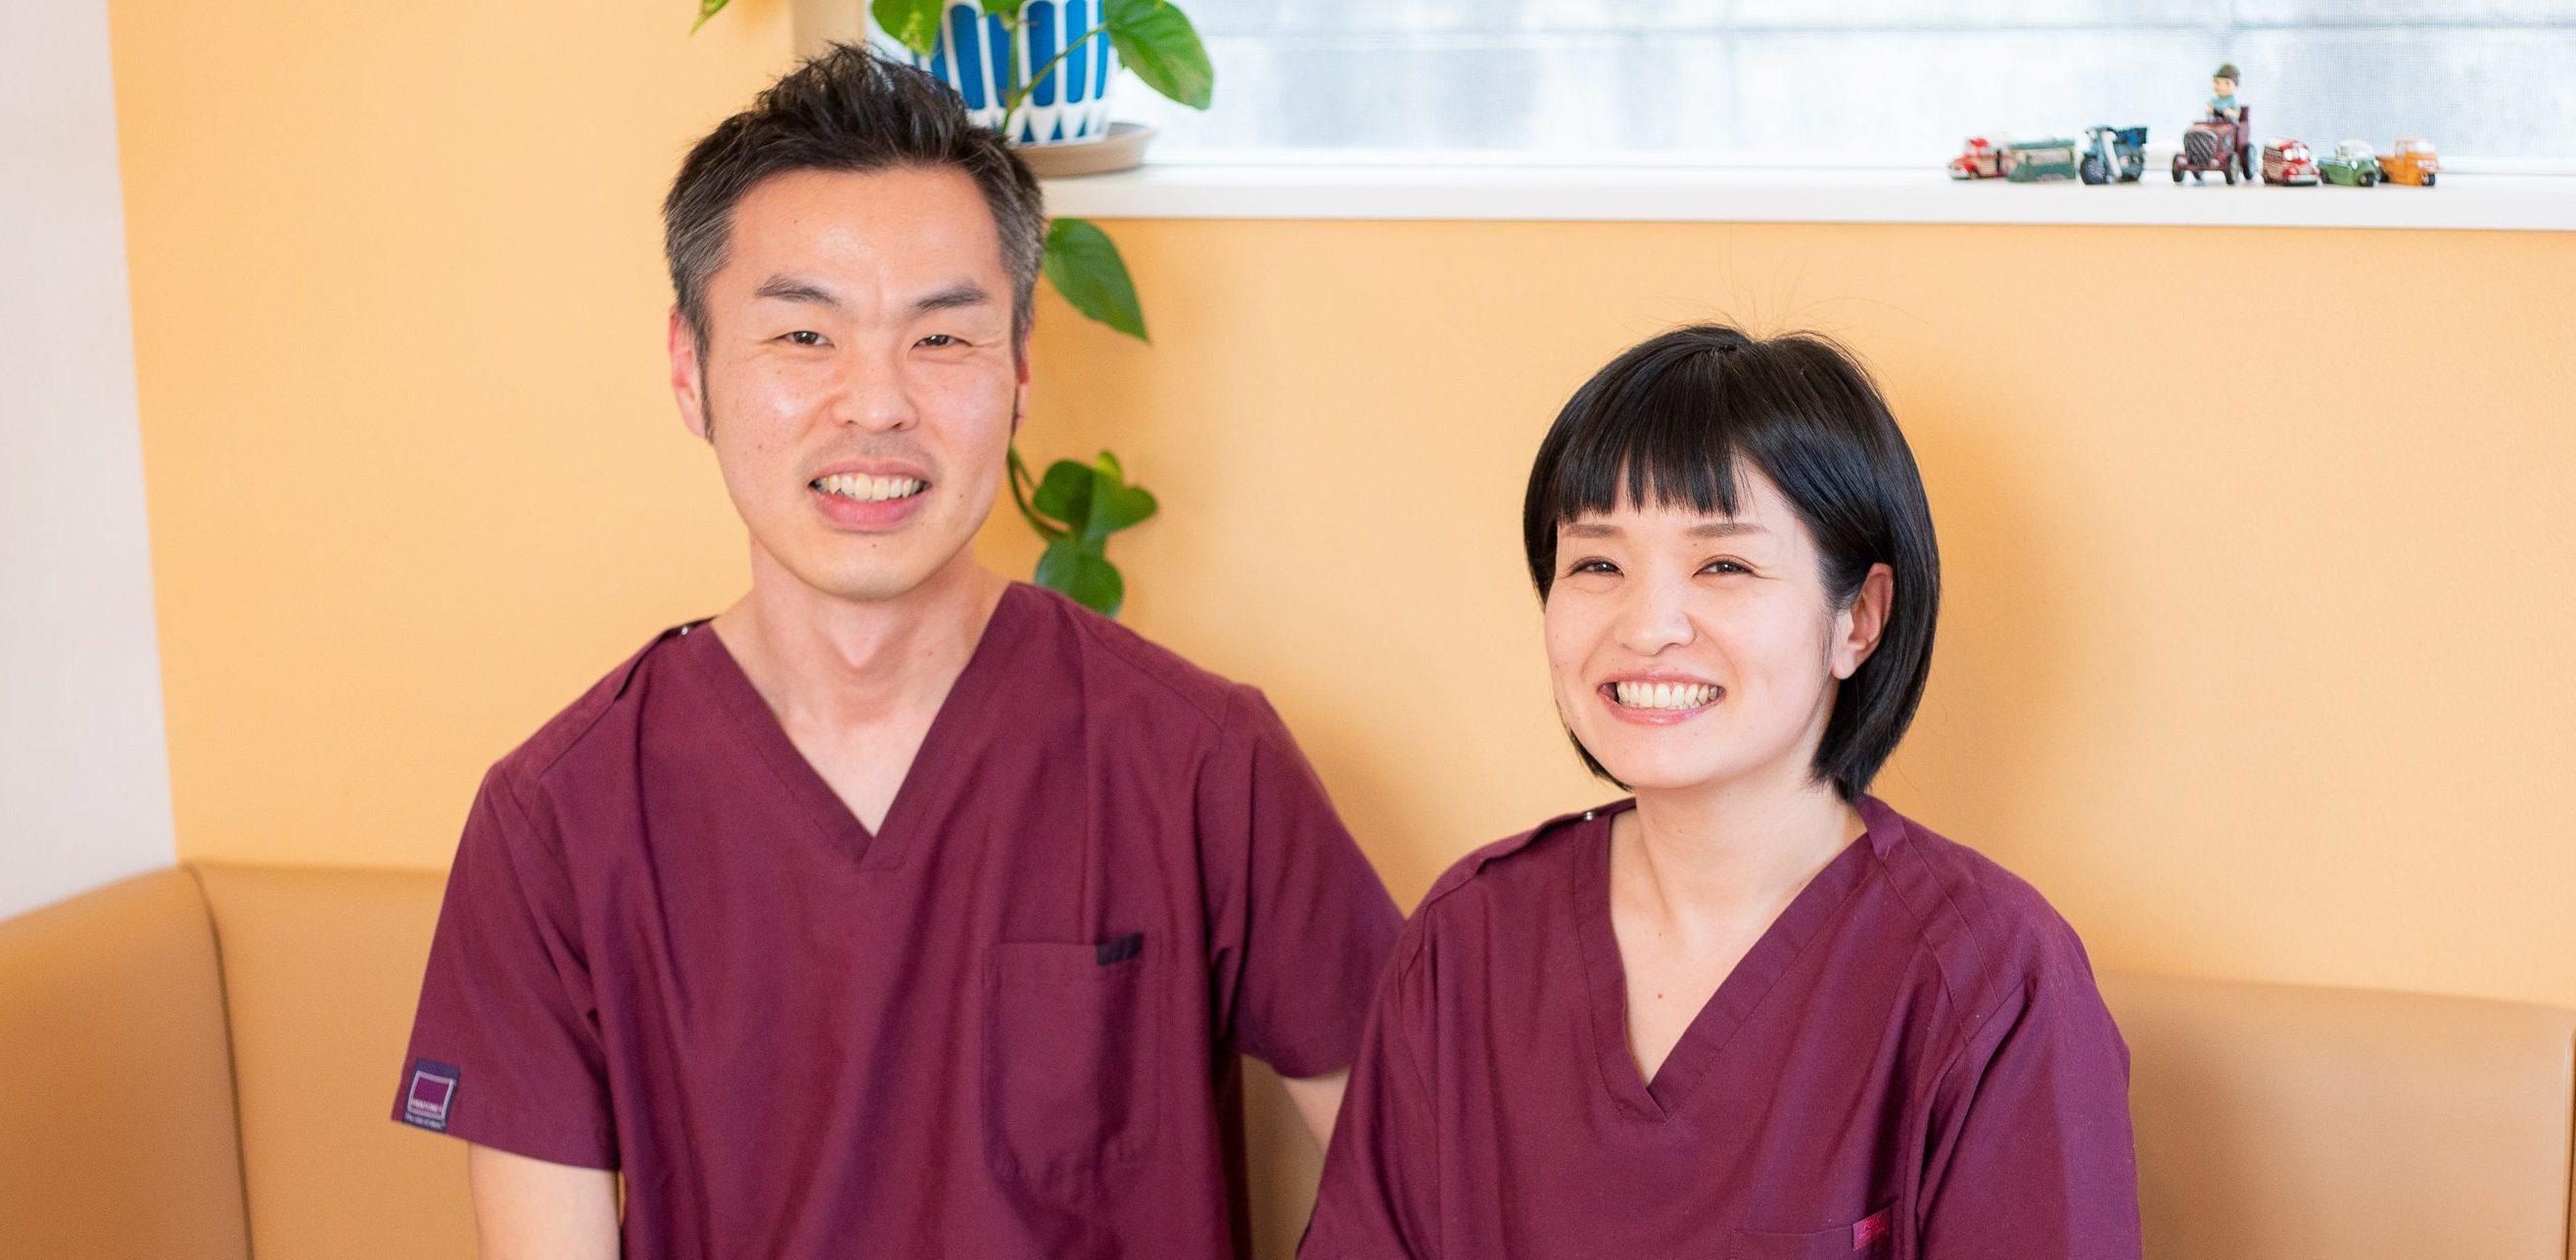 スタッフ紹介|若林区のおきの鍼灸整骨院